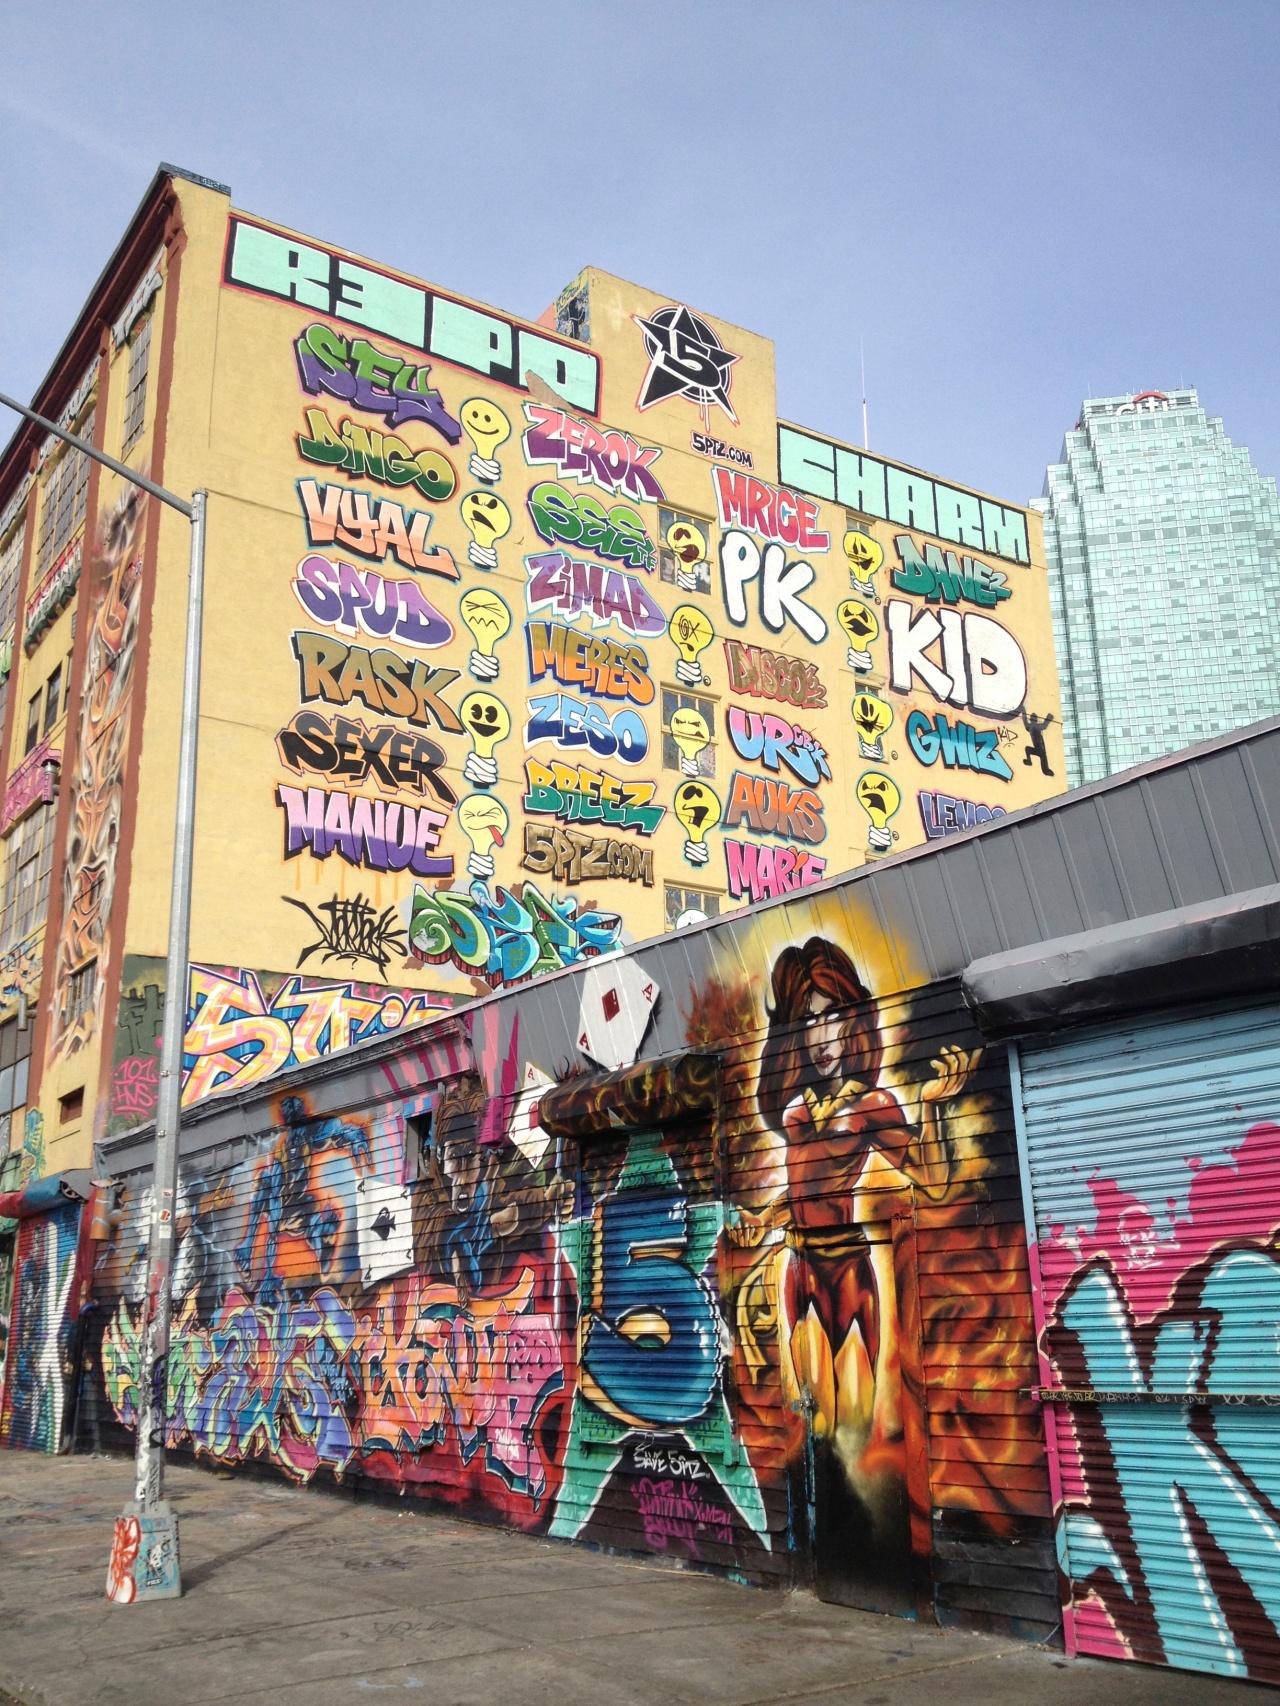 O dia está bom pra dar um check no 5pointz, a meca do grafite em Nova York, antes que acabe:(